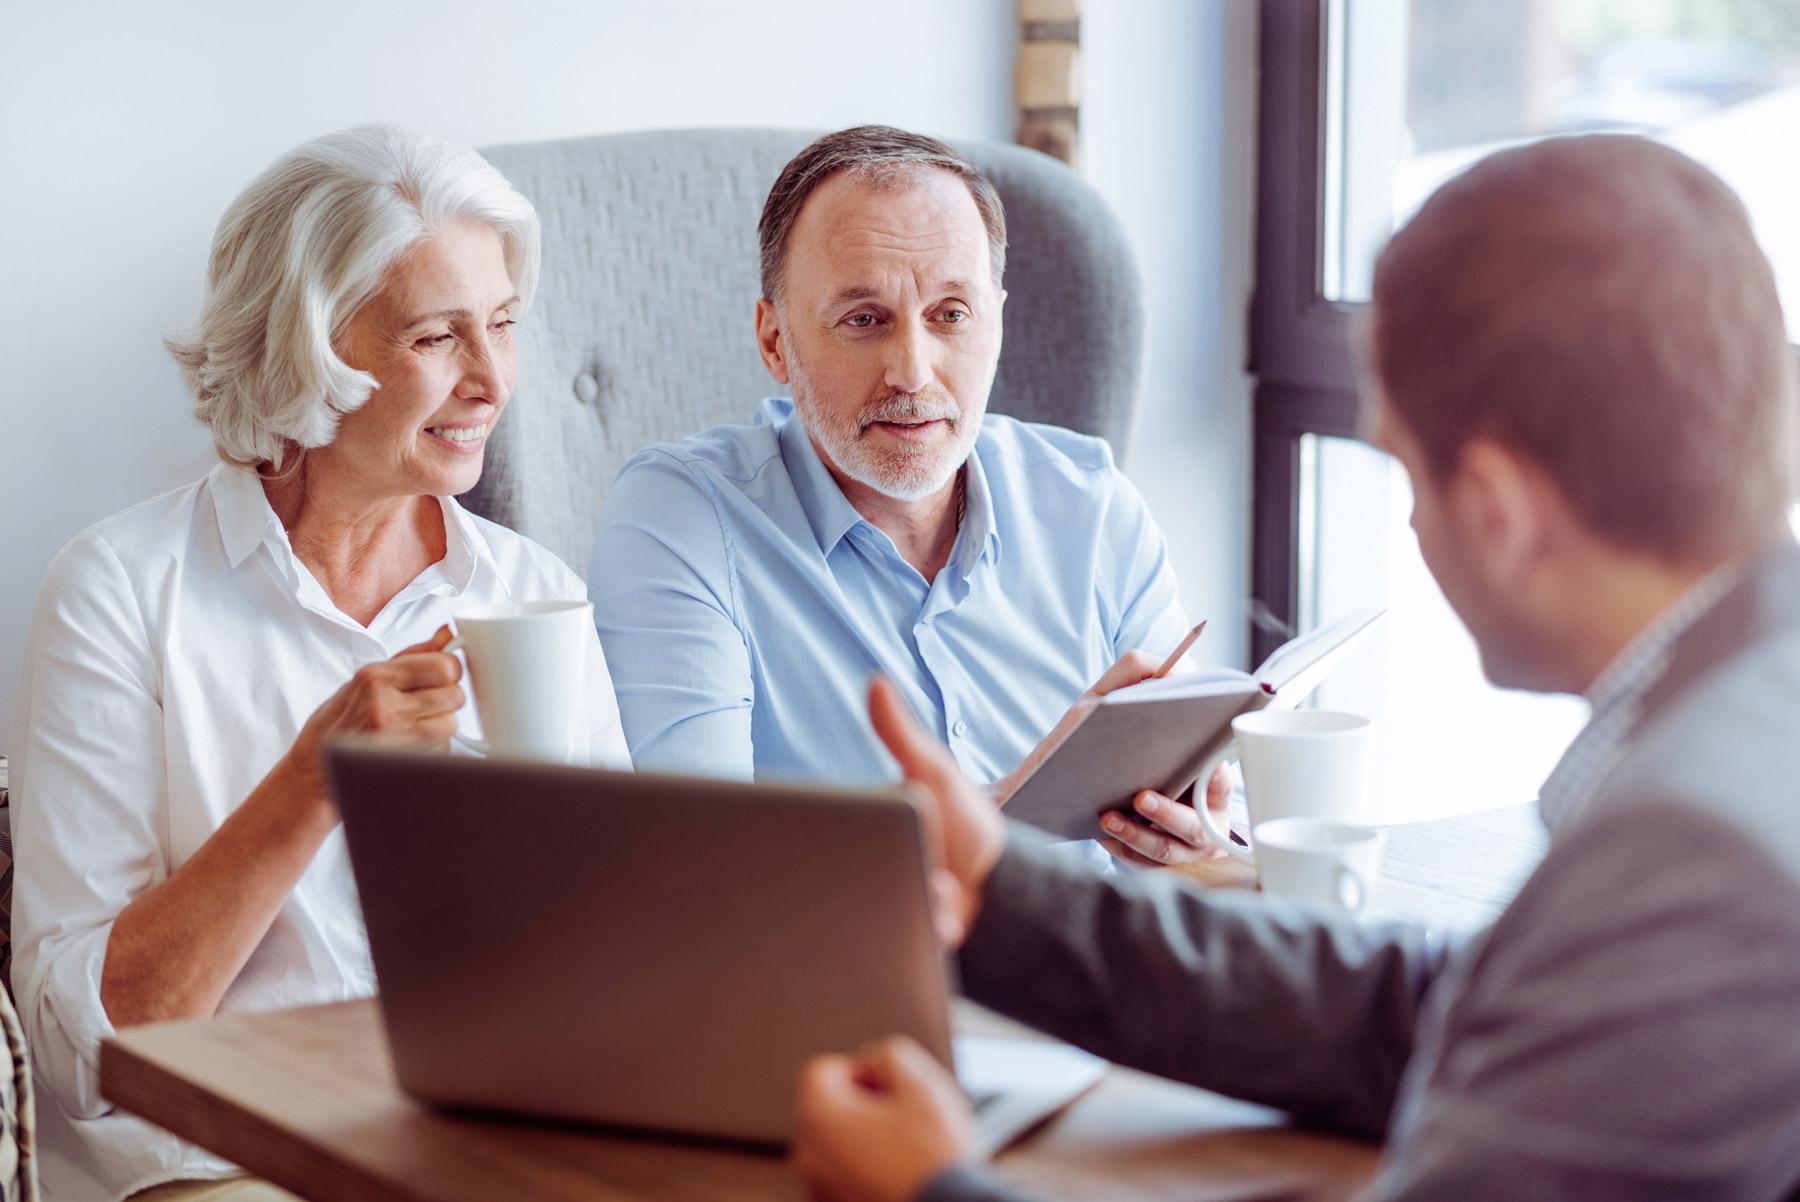 Die Versicherungsmakler der Assekuron GmbH aus aachen bietet umfassende und persönliche Beratung für Privatkunden